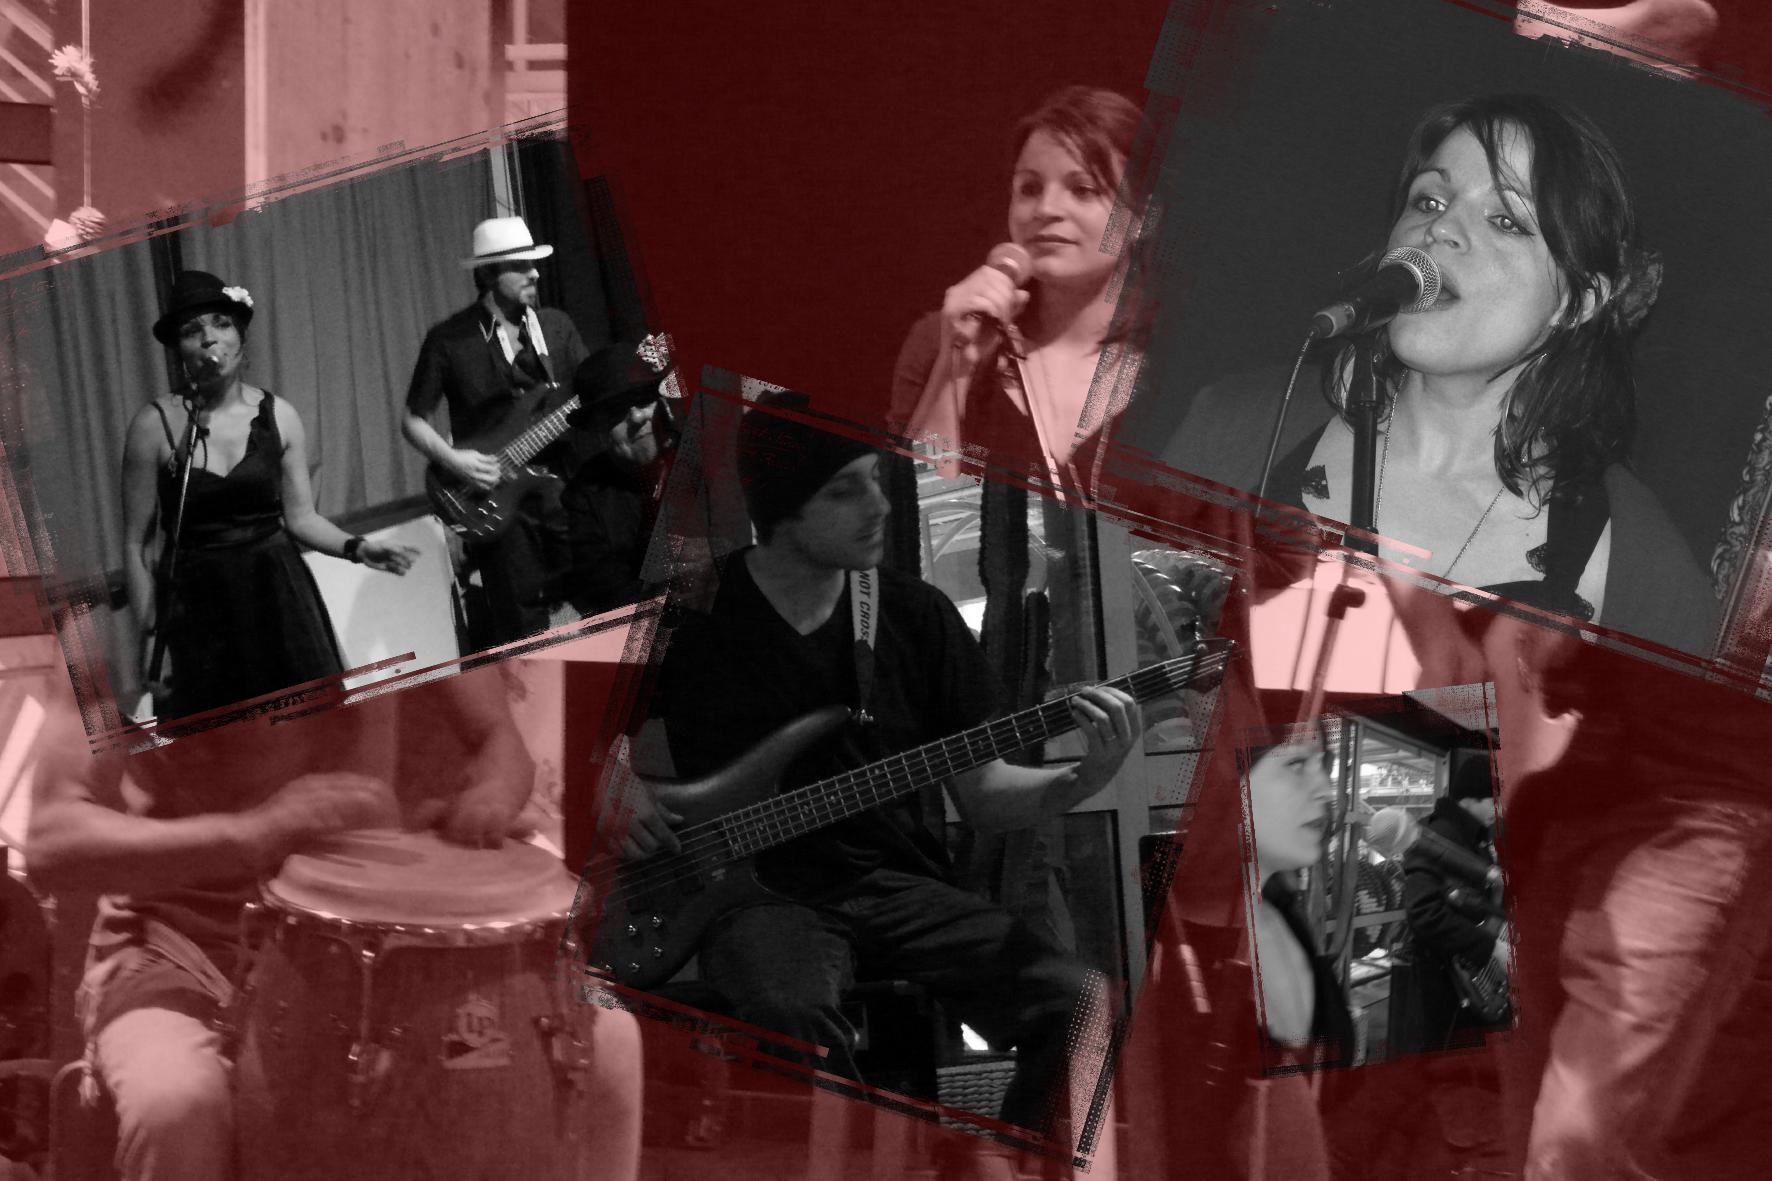 musique tri et moi2012 3